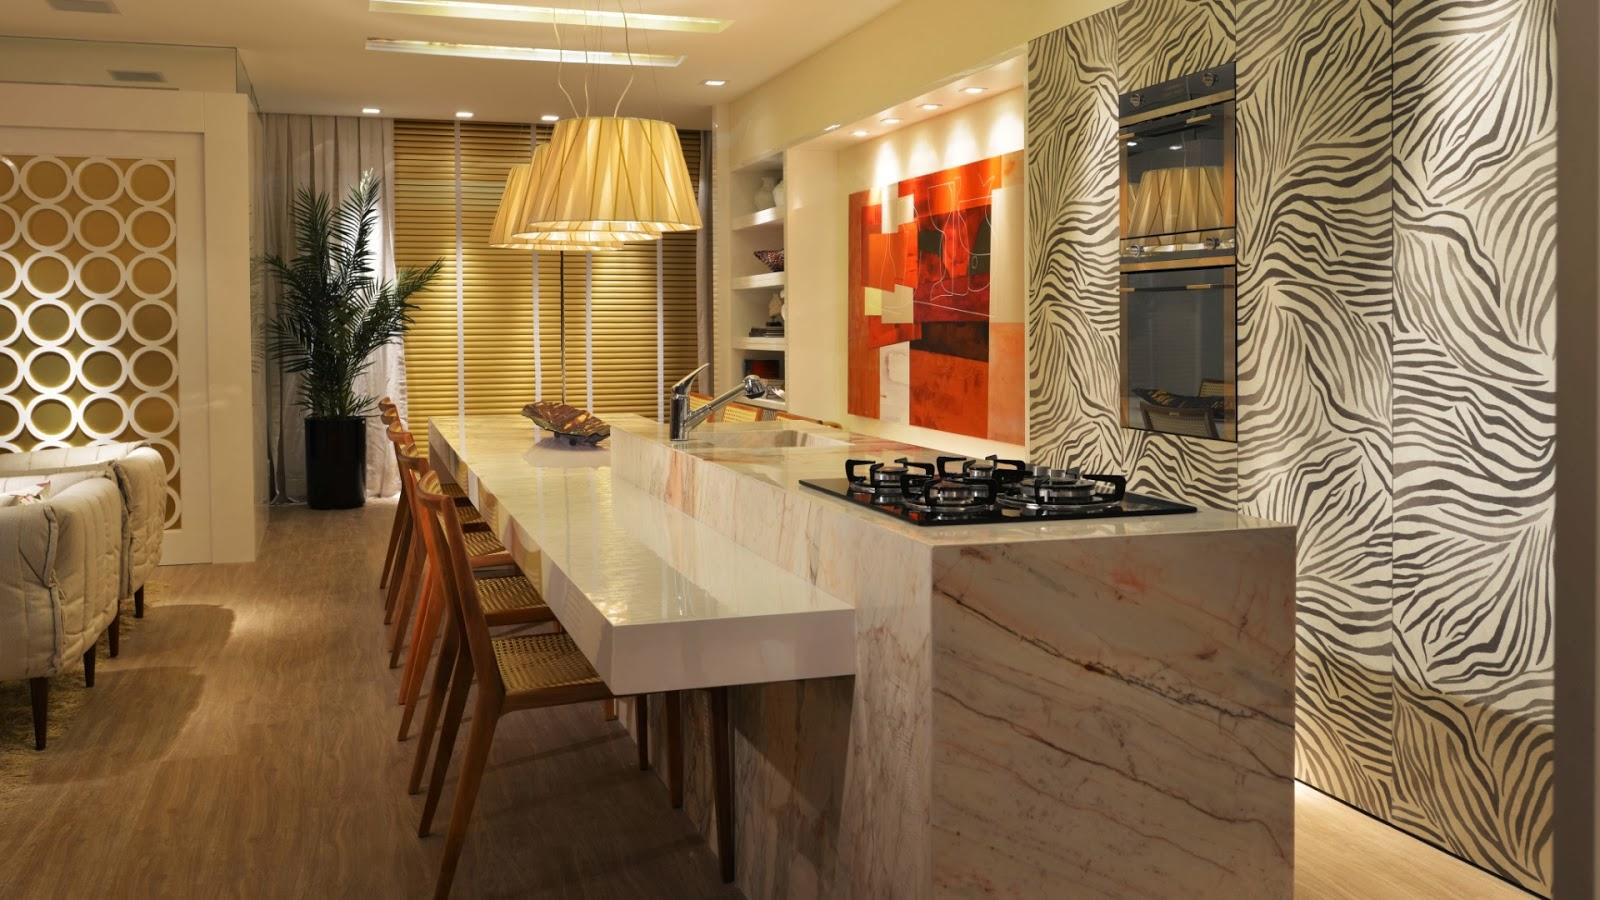 Por se tratar de uma cozinha com uma proposta moderna diferente e  #BC3A0F 1600 900